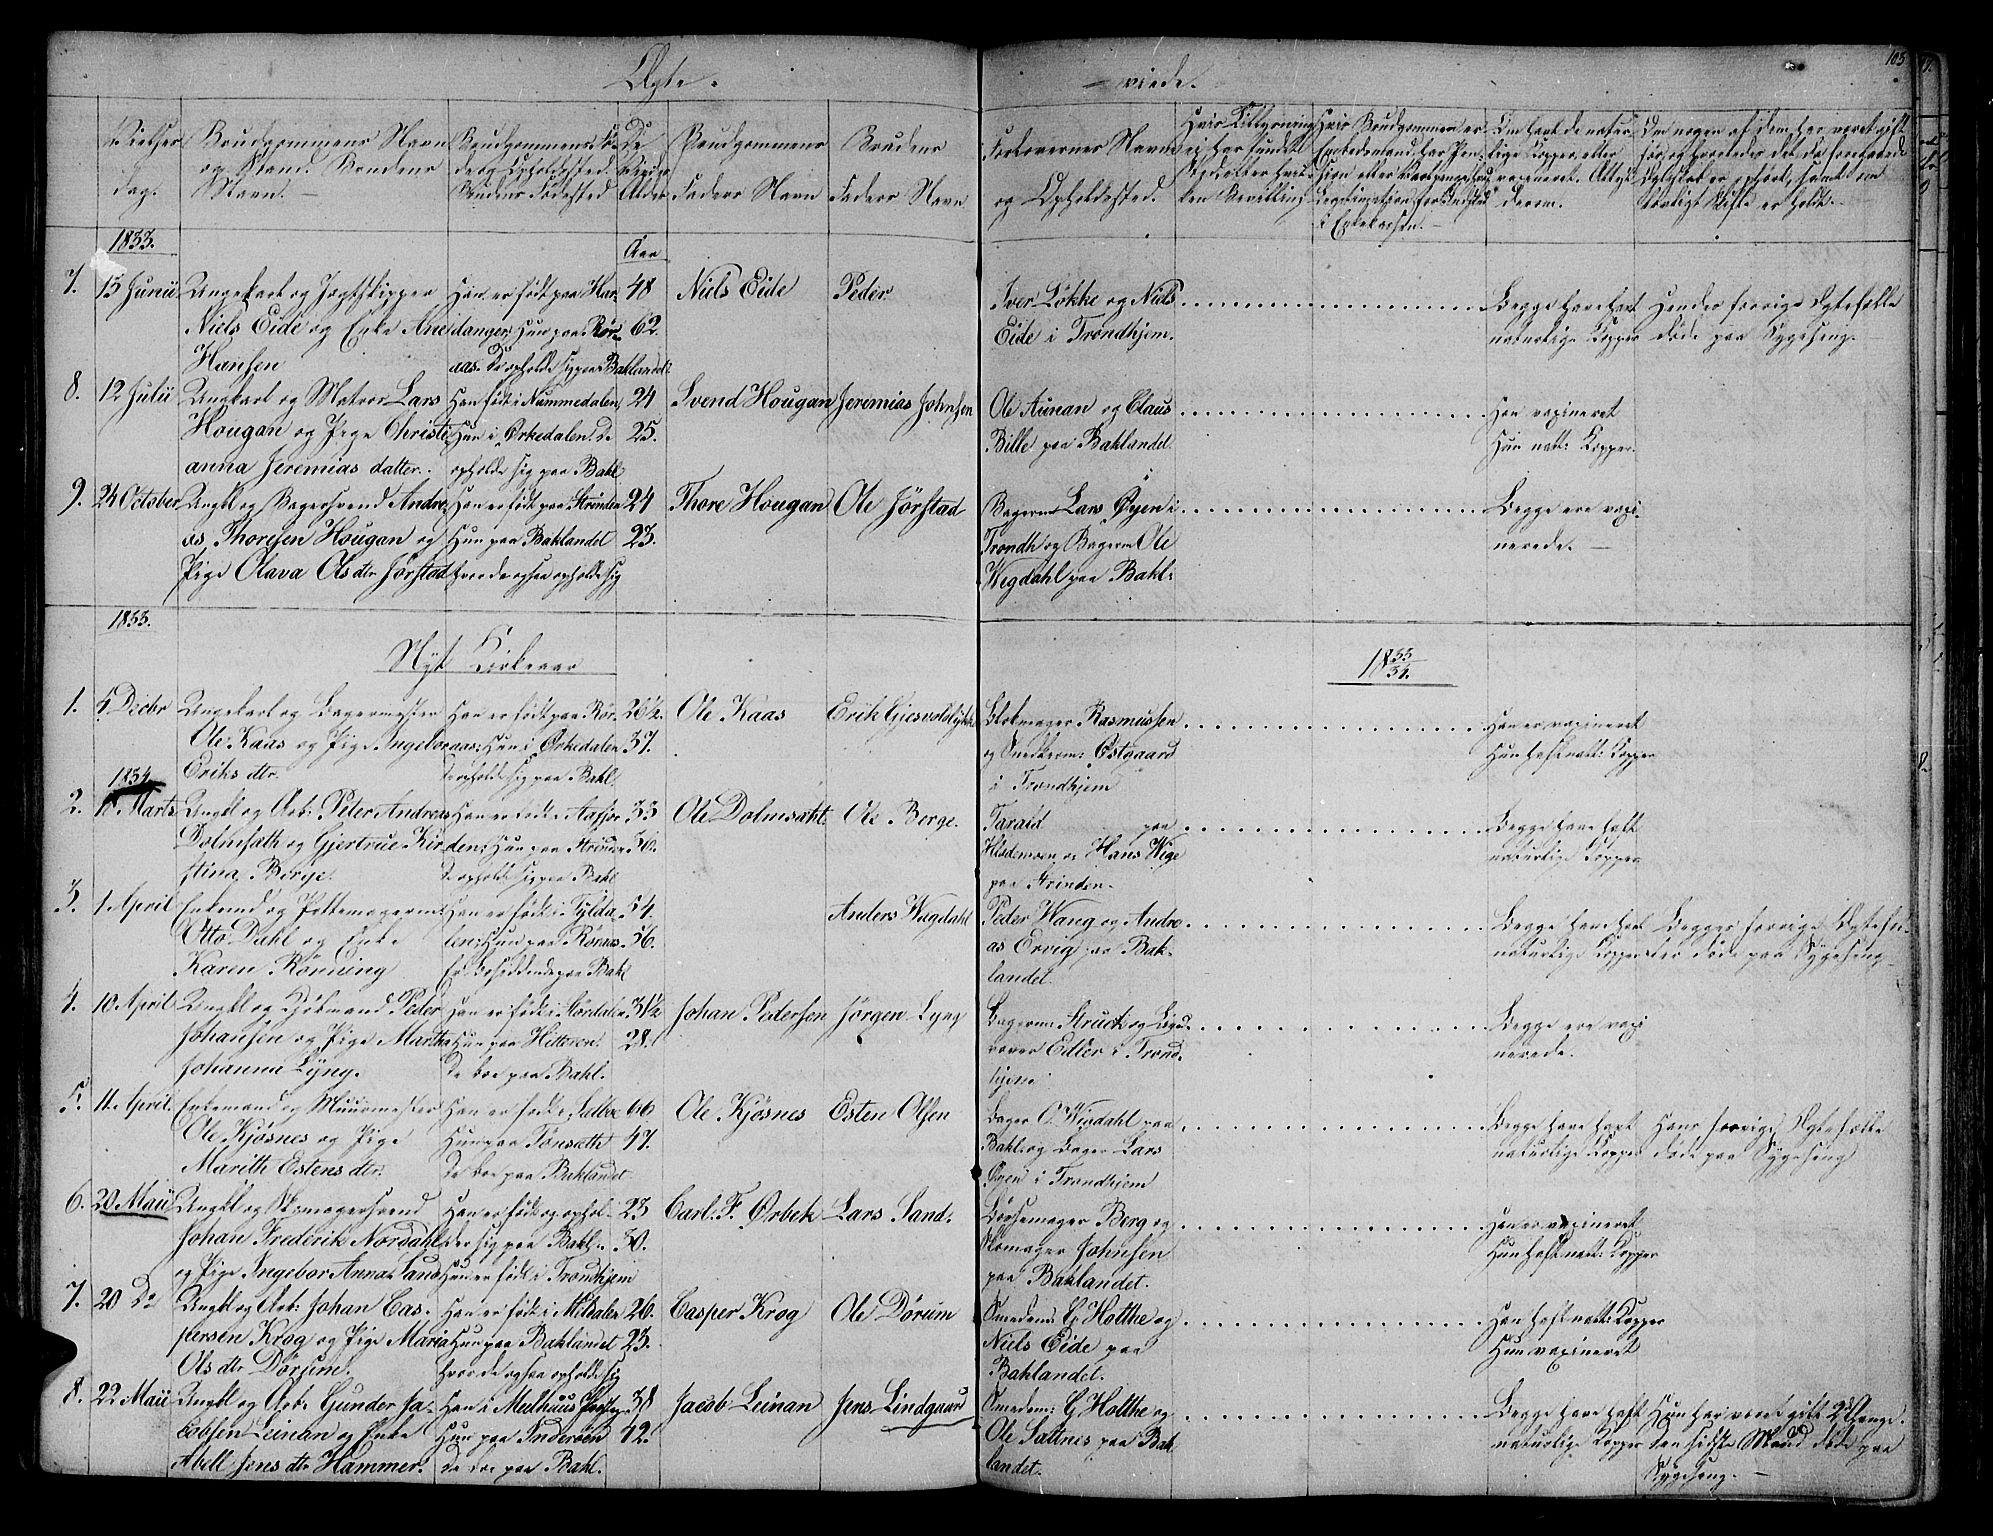 SAT, Ministerialprotokoller, klokkerbøker og fødselsregistre - Sør-Trøndelag, 604/L0182: Ministerialbok nr. 604A03, 1818-1850, s. 103